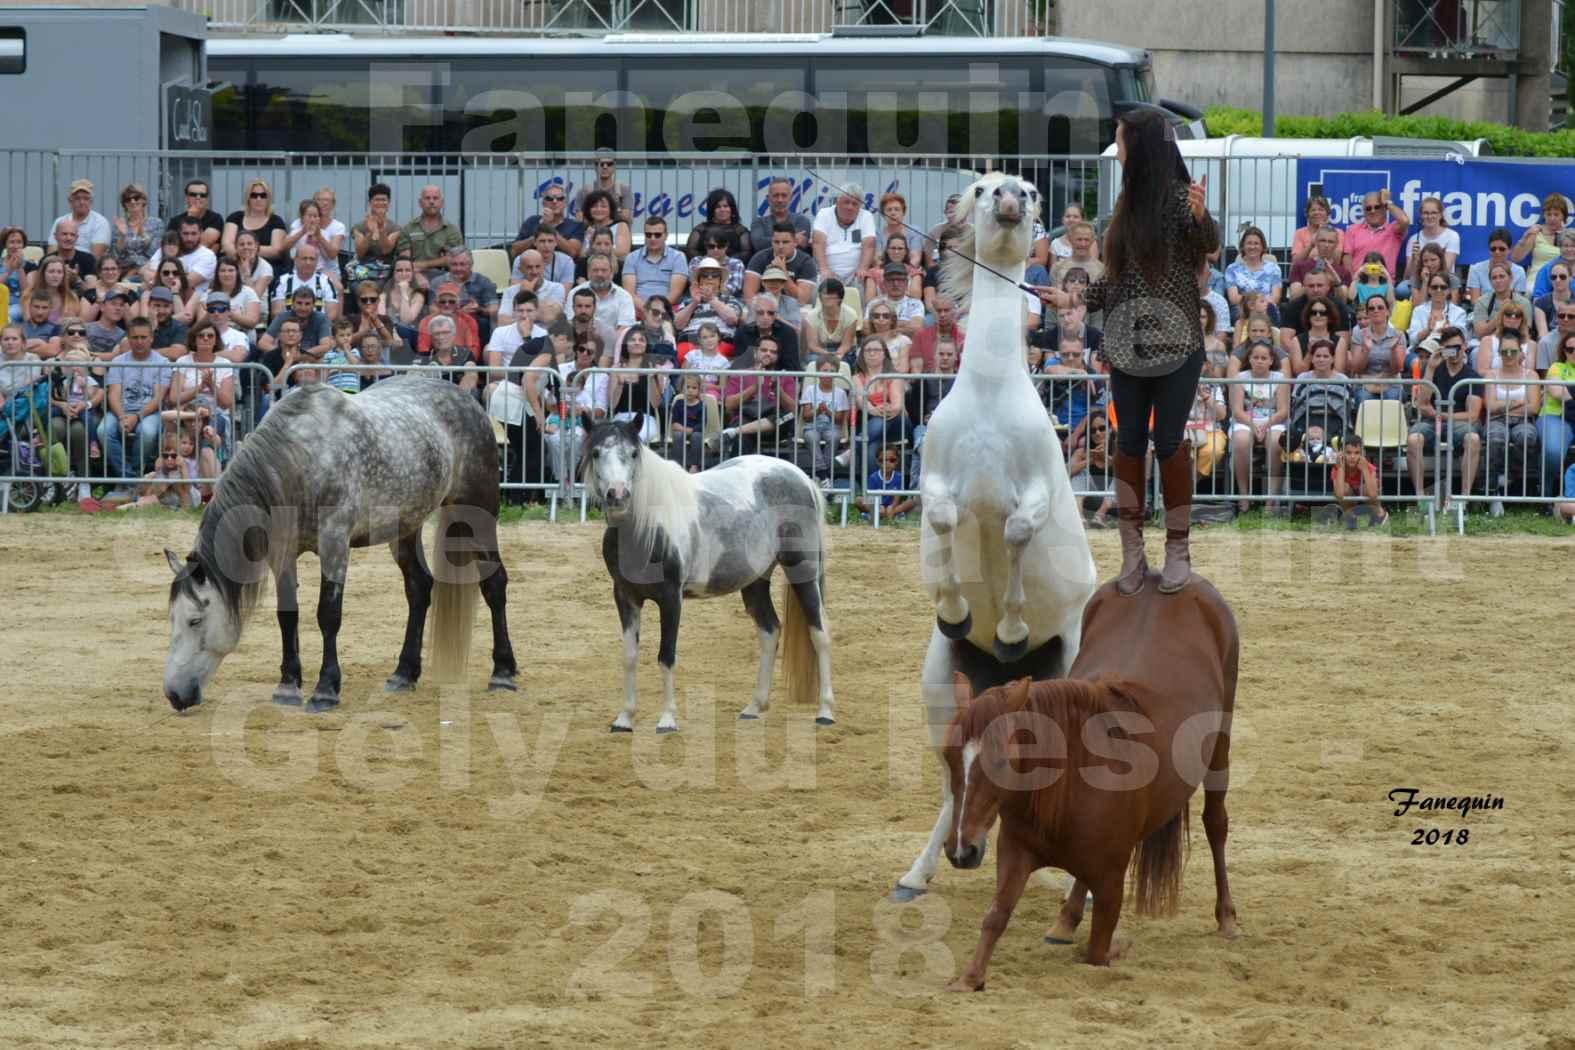 Spectacle Équestre le 3 juin 2018 à Saint Gély du Fesc - 5 chevaux en liberté - Anne Gaëlle BERTHO - 07